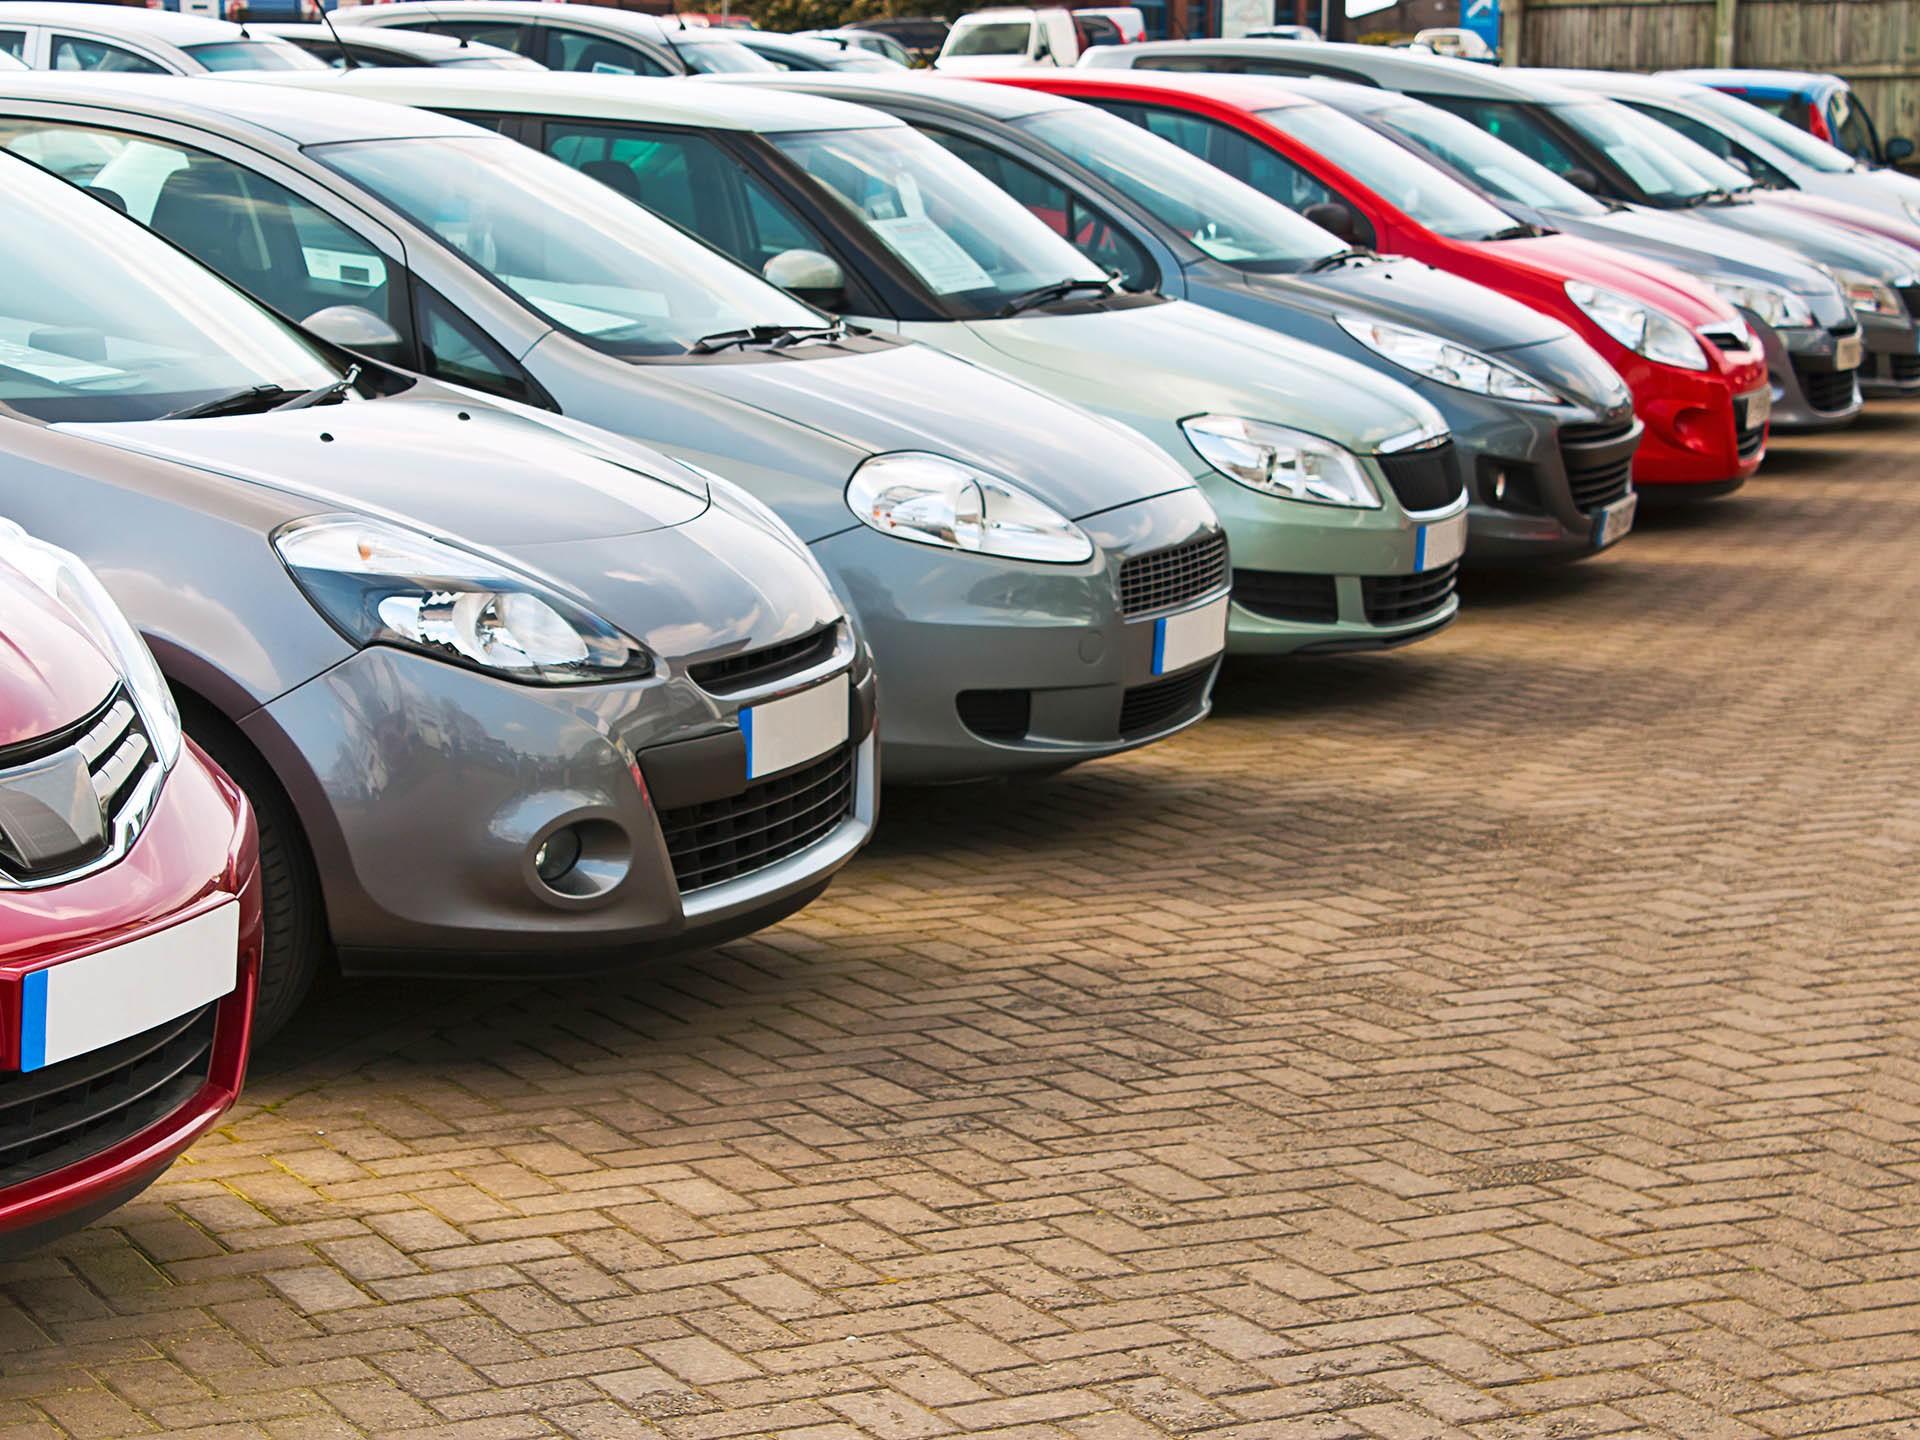 Авито Авто: эксперты выяснили, в каких городах наиболее и наименее популярны отечественные автомобили